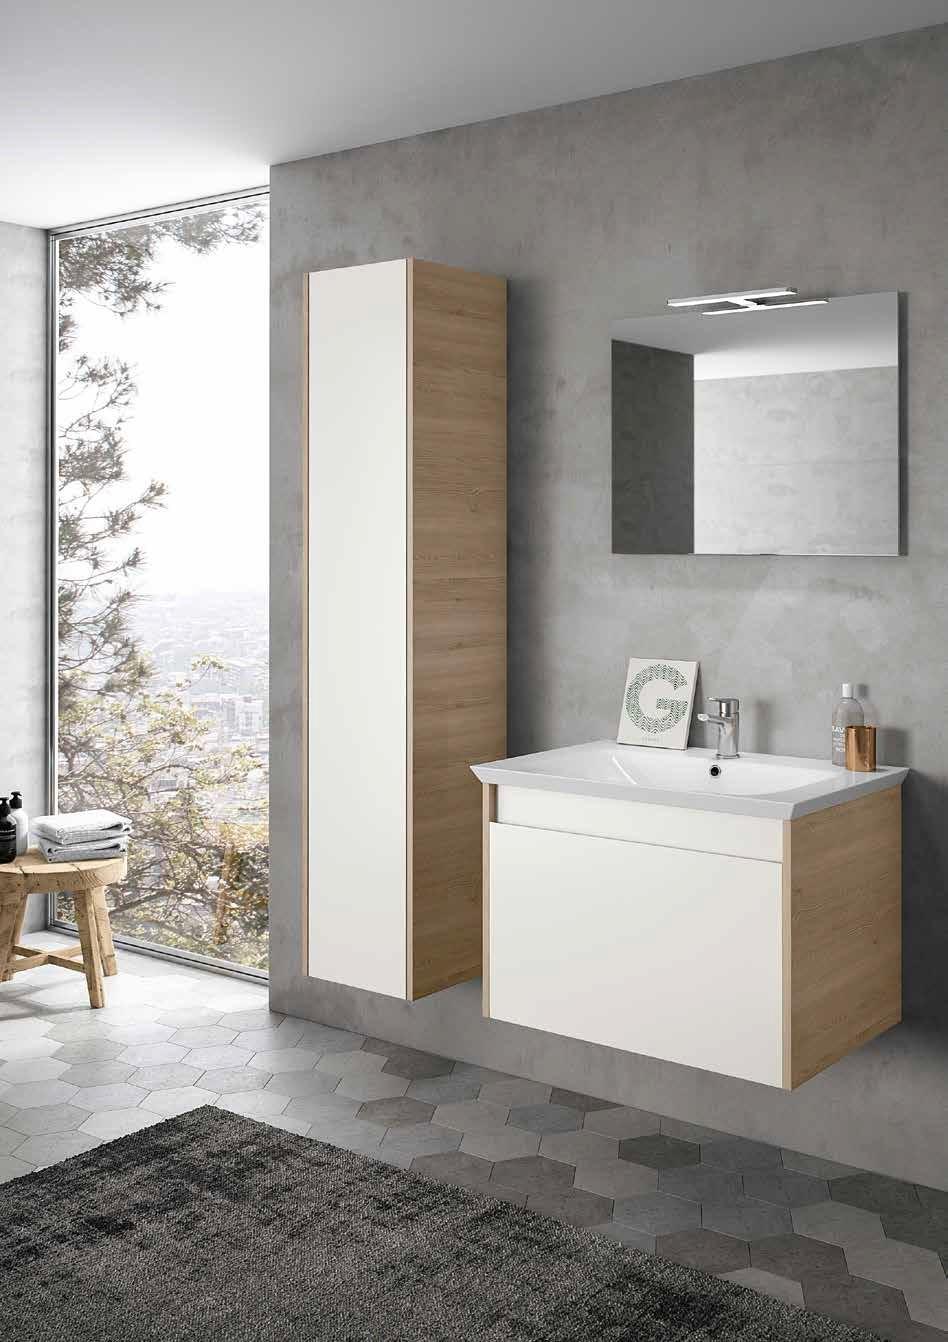 Stunning bmt bagni prezzi contemporary - Arredo bagno scontatissimo ...